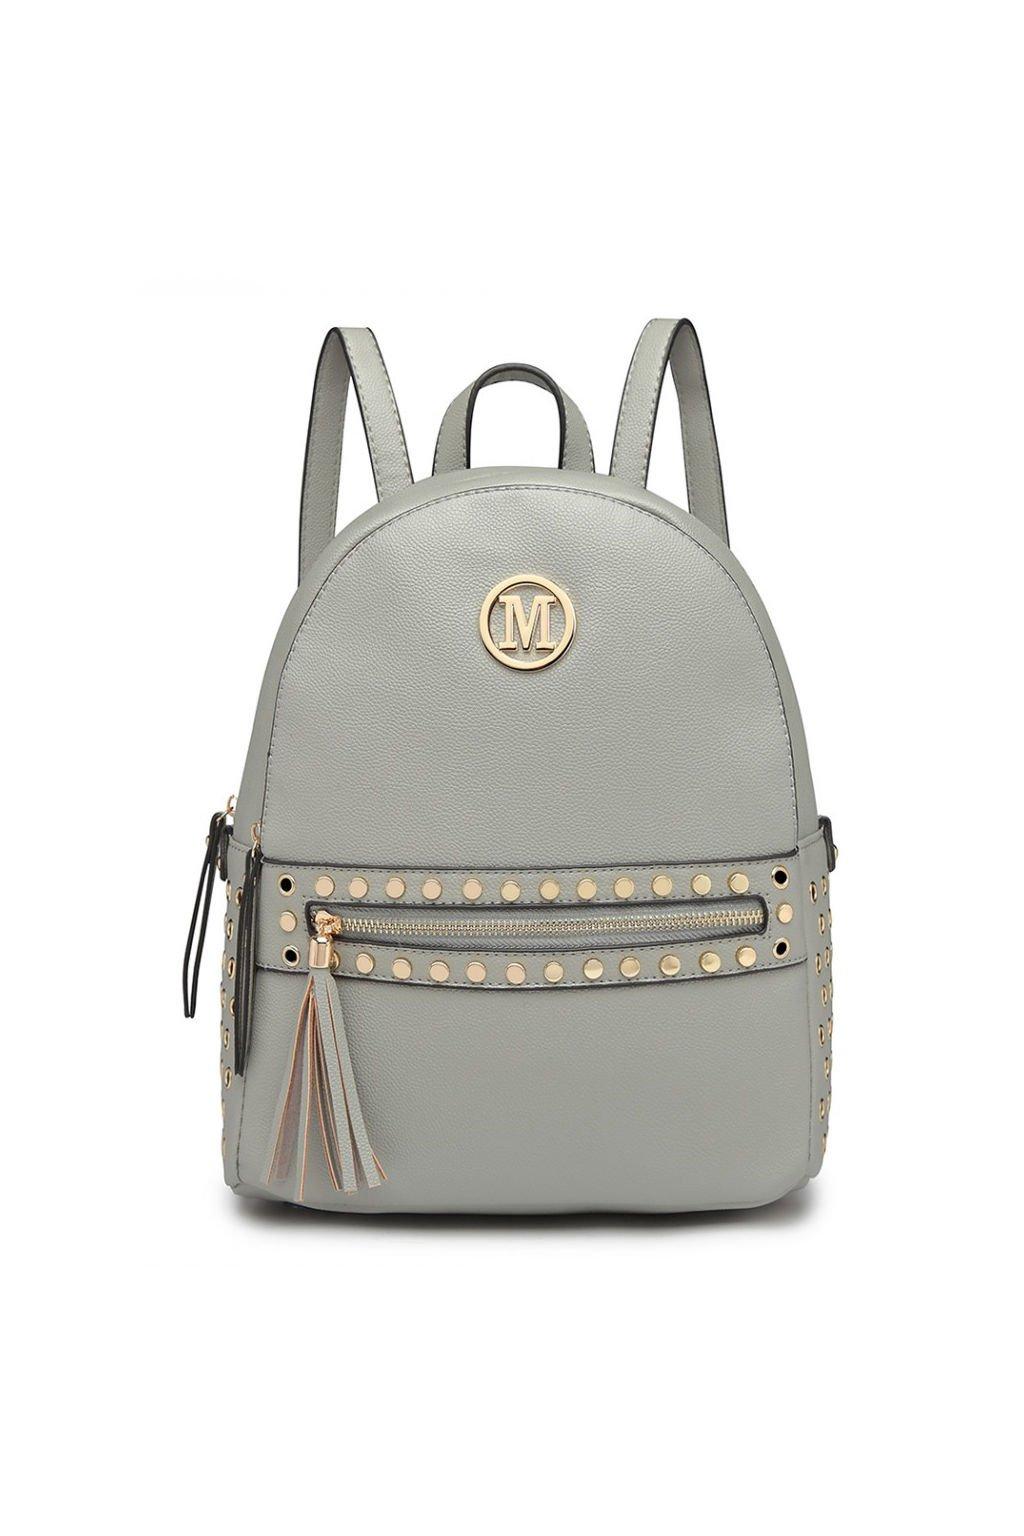 Šedý batoh Miss Lulu se zlatými doplňky